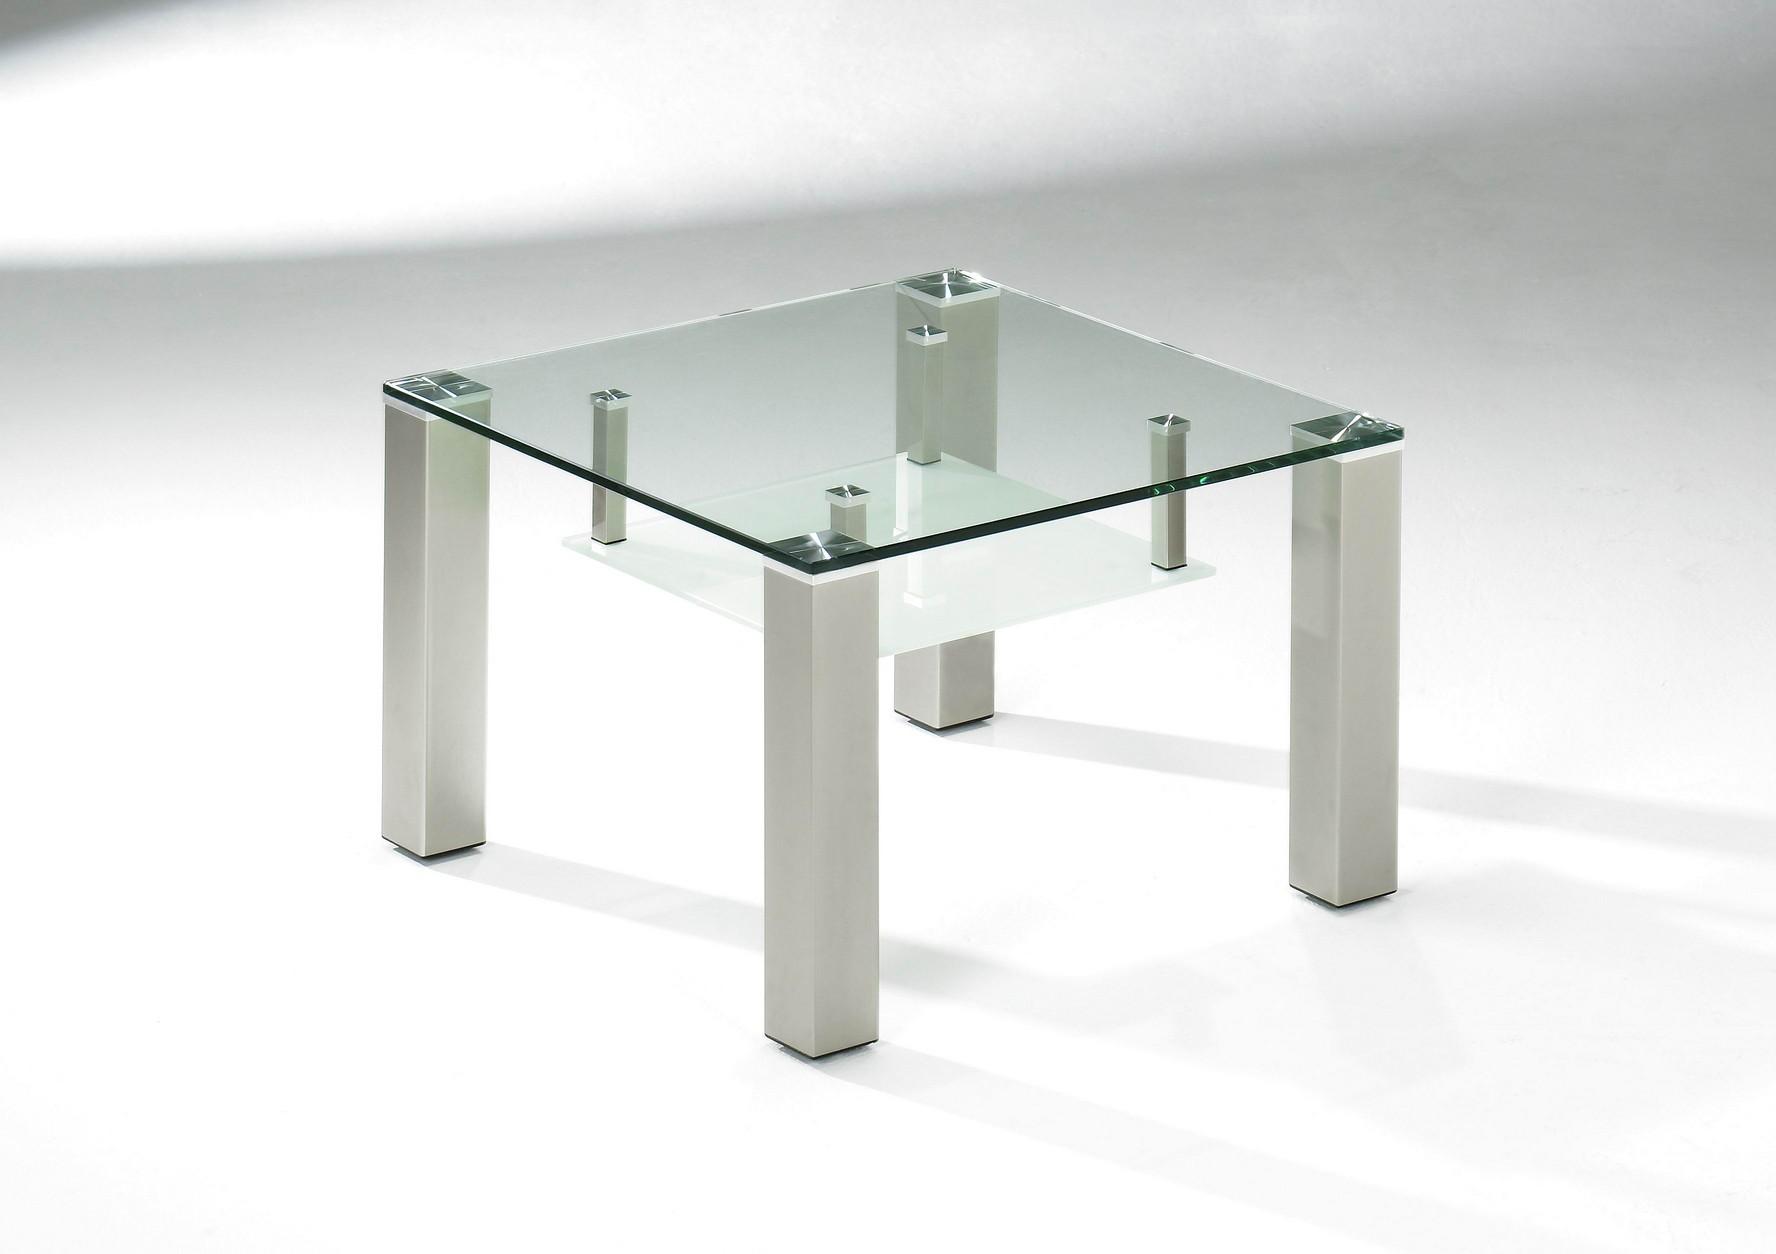 Glastisch - Glas klar 12 mm - untere Ablage satiniert